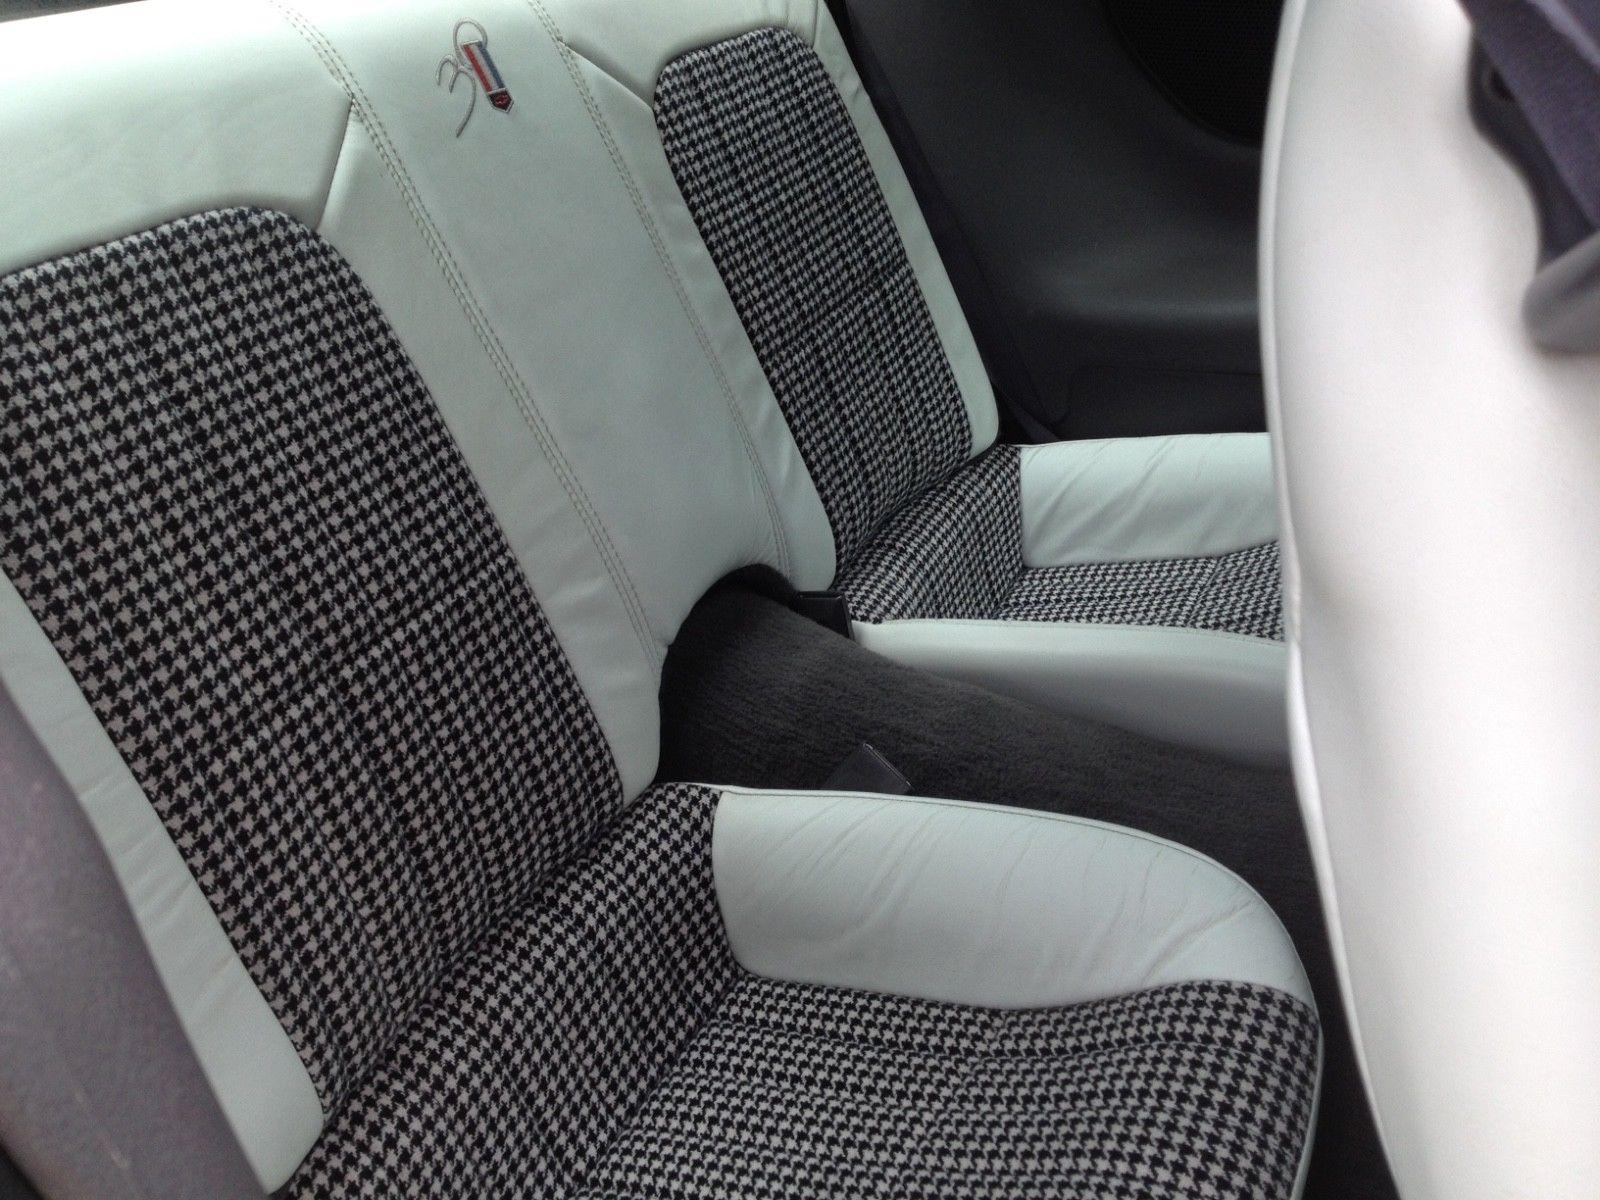 1997 Chevrolet Camaro hardtop rear seat